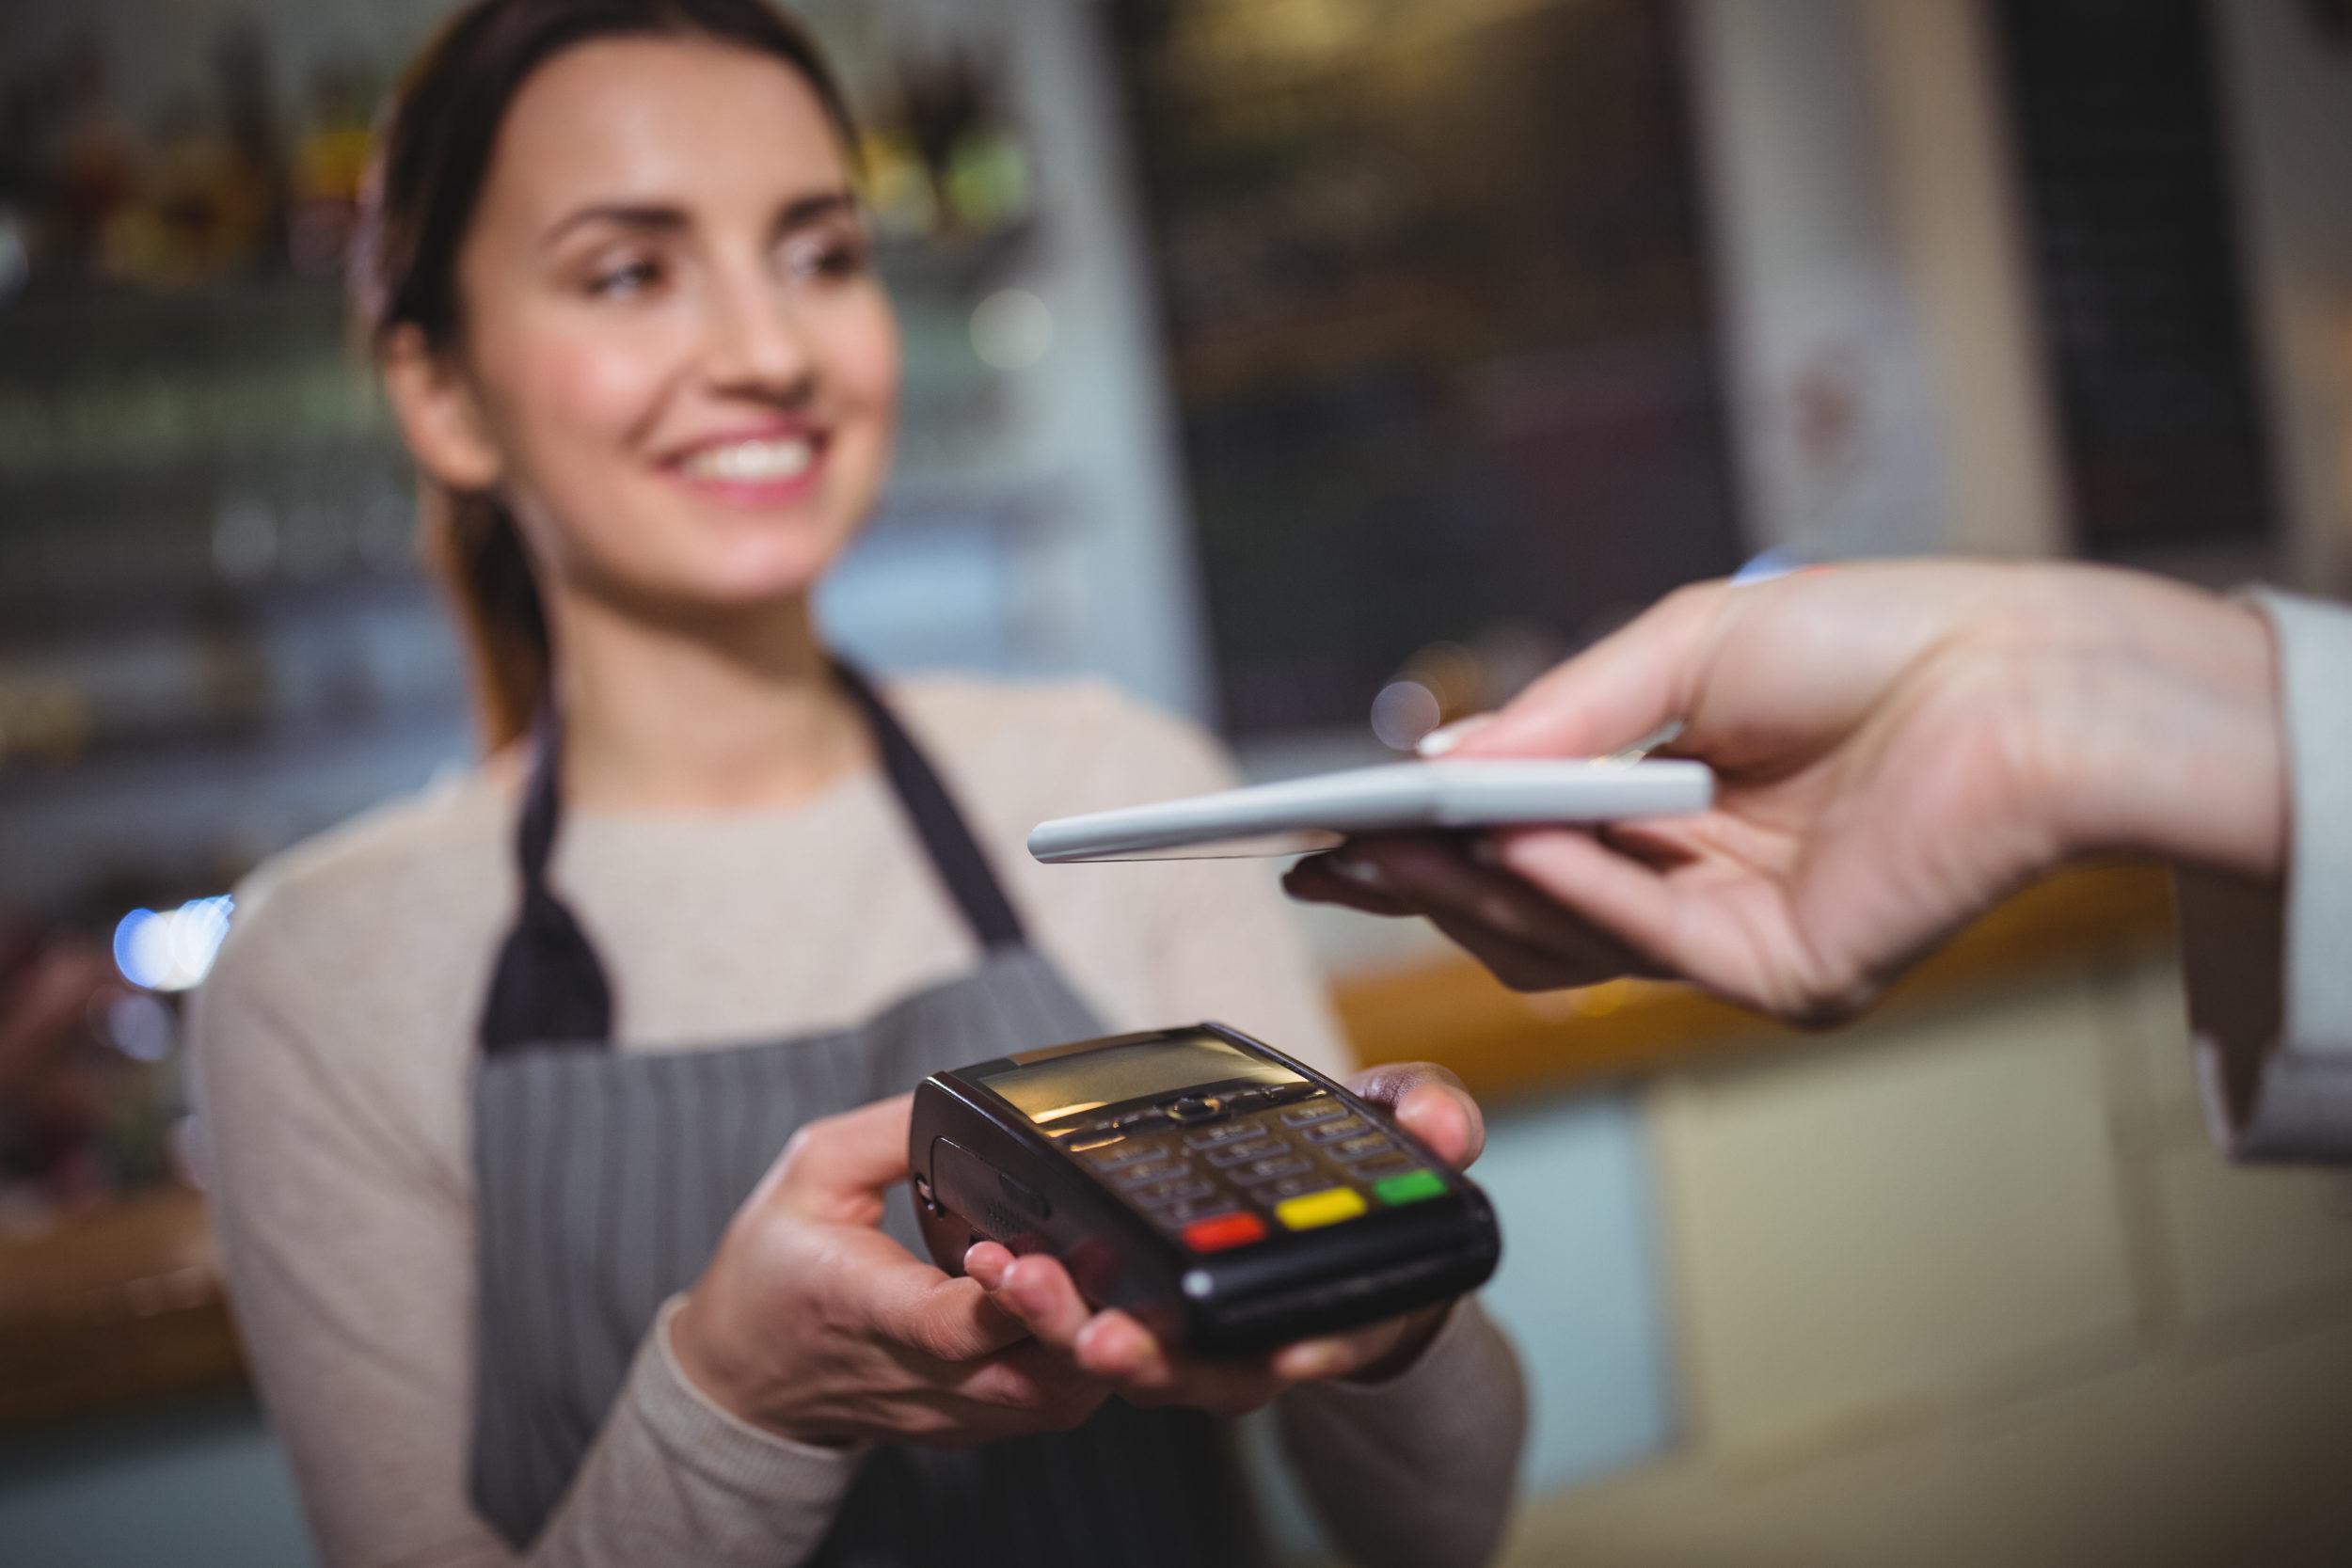 Personne effectuant un paiement à l'aide de son téléphone